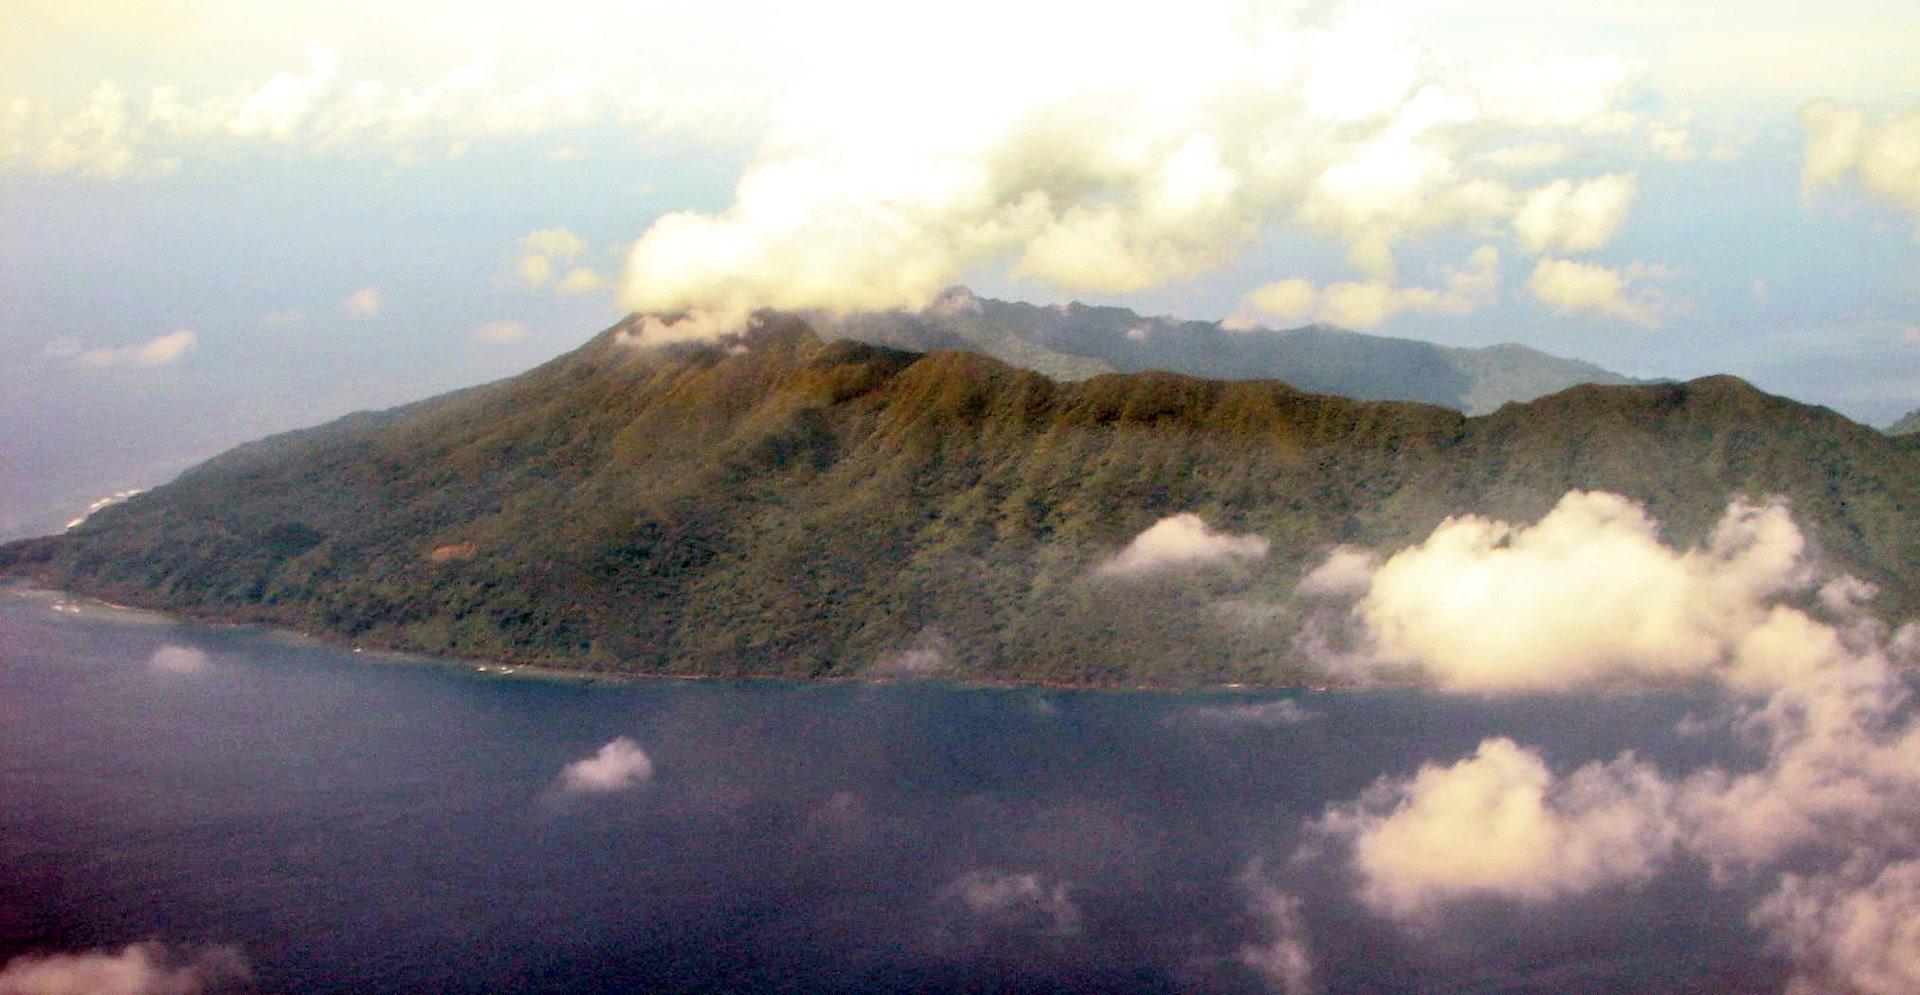 Ureparapara, île volcanique du nord du Vanuatu, héberge deux langues : le lehali à l'ouest, le löyöp à l'est.  (photo AF 2006)